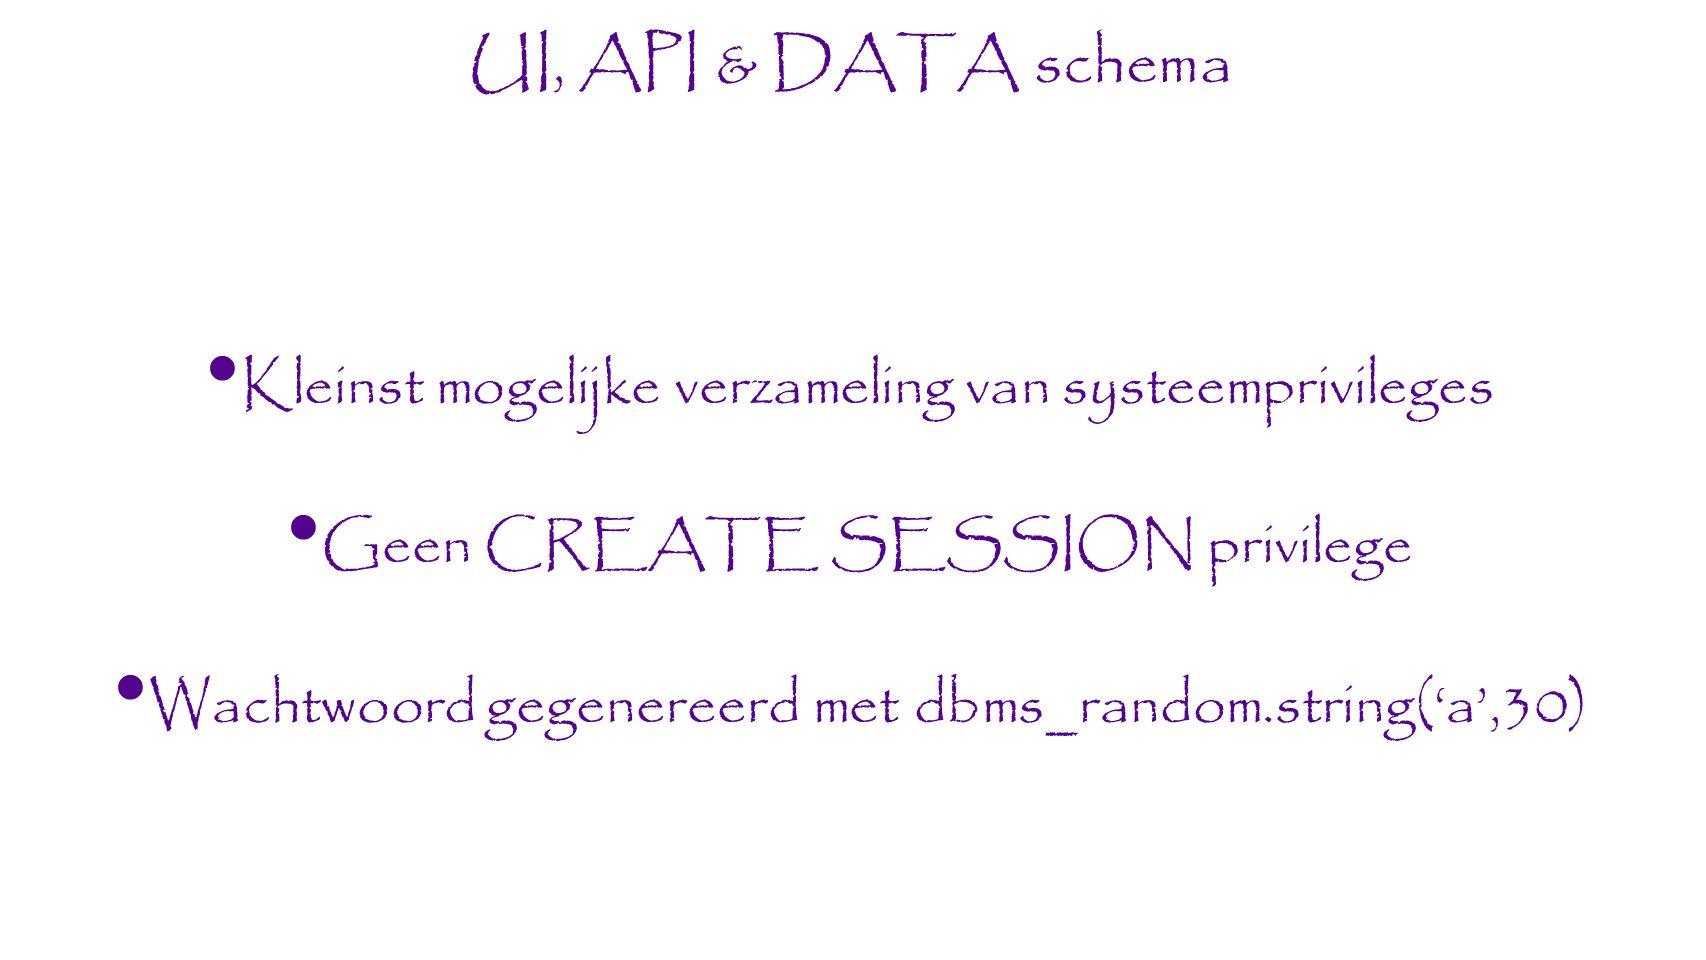 Kleinst mogelijke verzameling van systeemprivileges Geen CREATE SESSION privilege Wachtwoord gegenereerd met dbms_random.string('a',30) UI, API & DATA schema